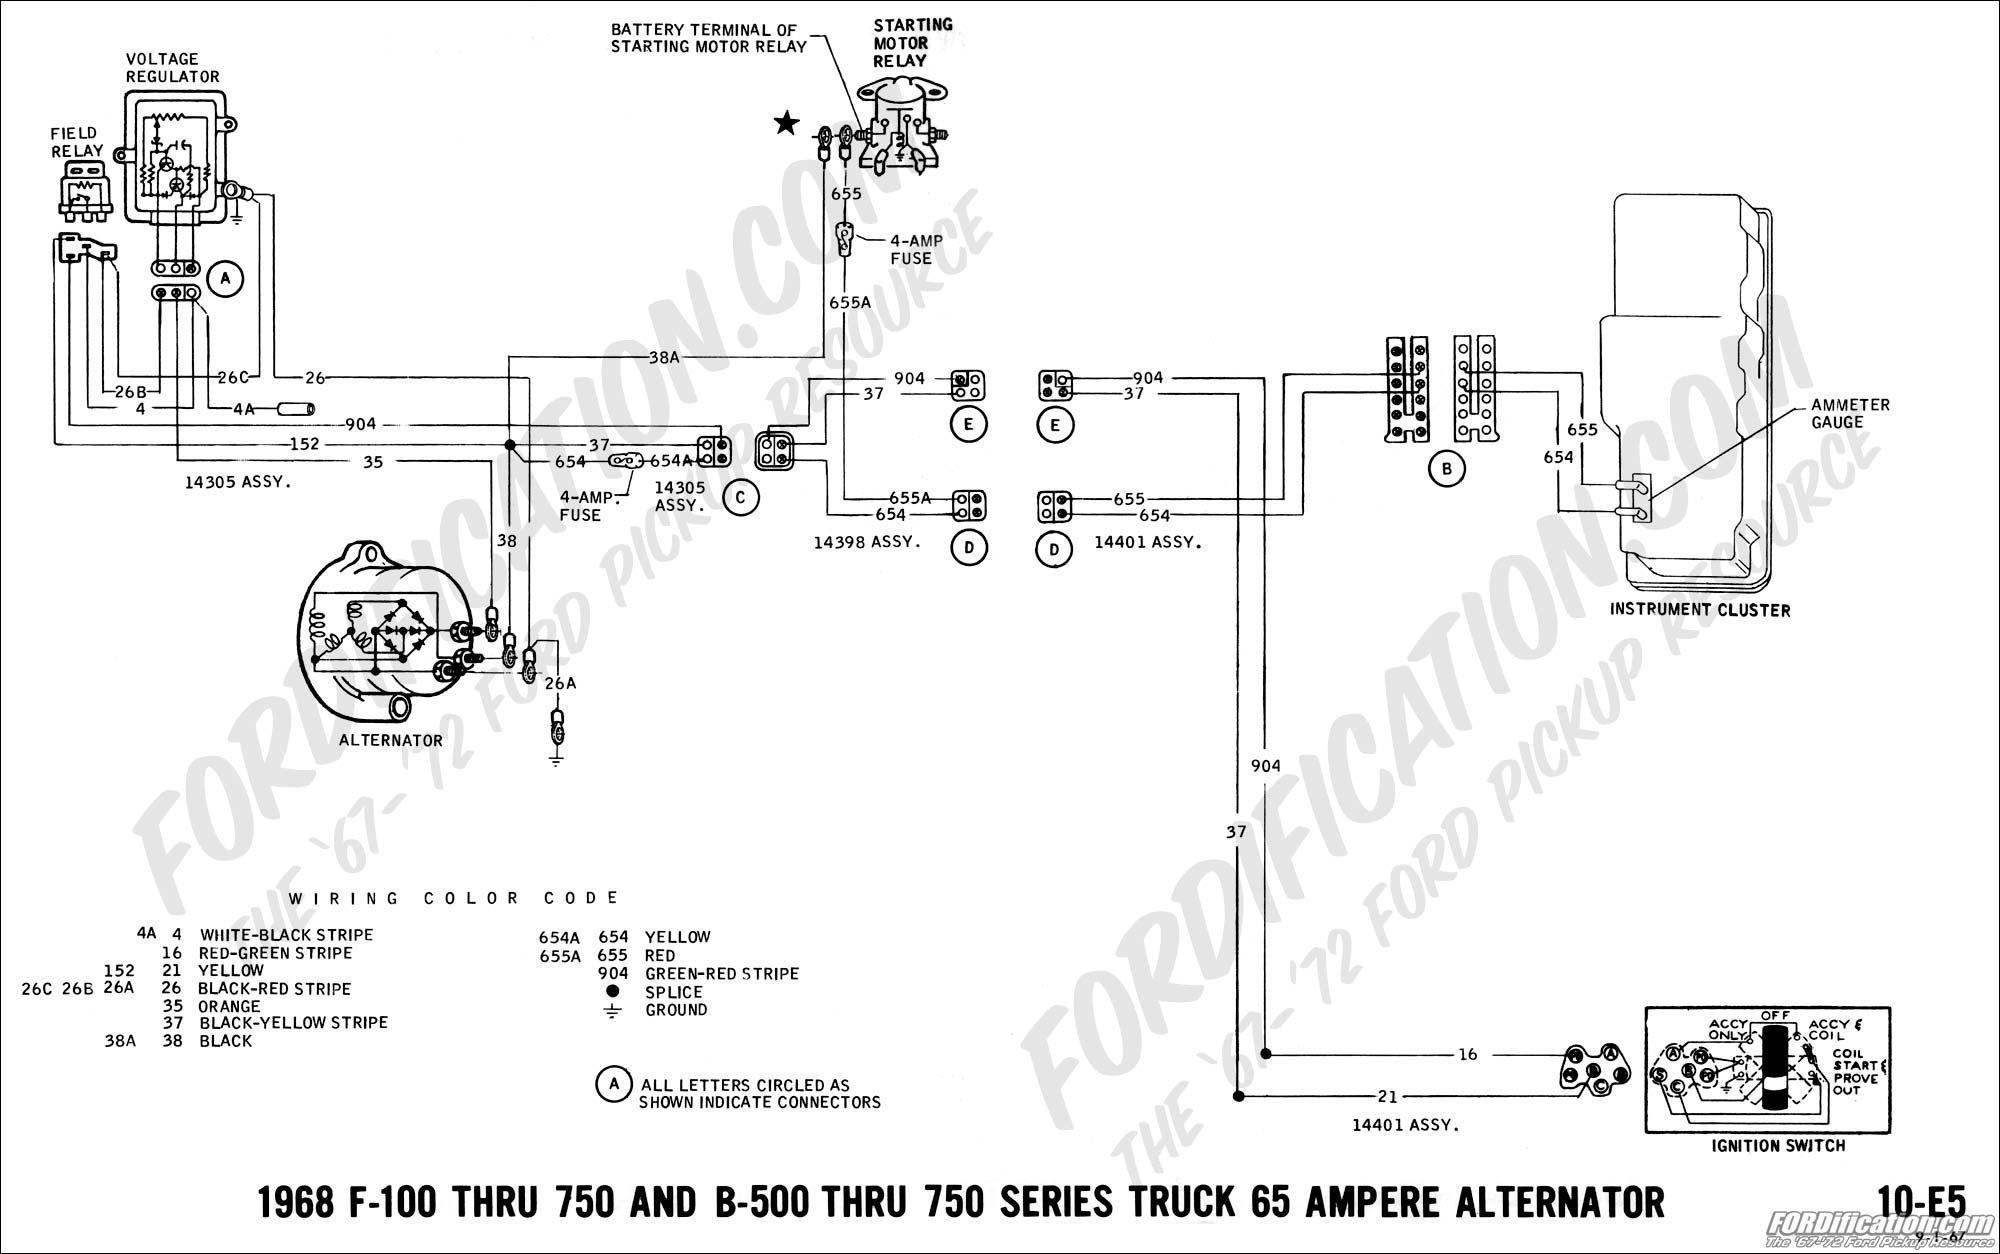 Alternator Wiring Diagram Honda Best Wiring Diagram Alternator Voltage  Regulator Fresh 4 Wire Alternator